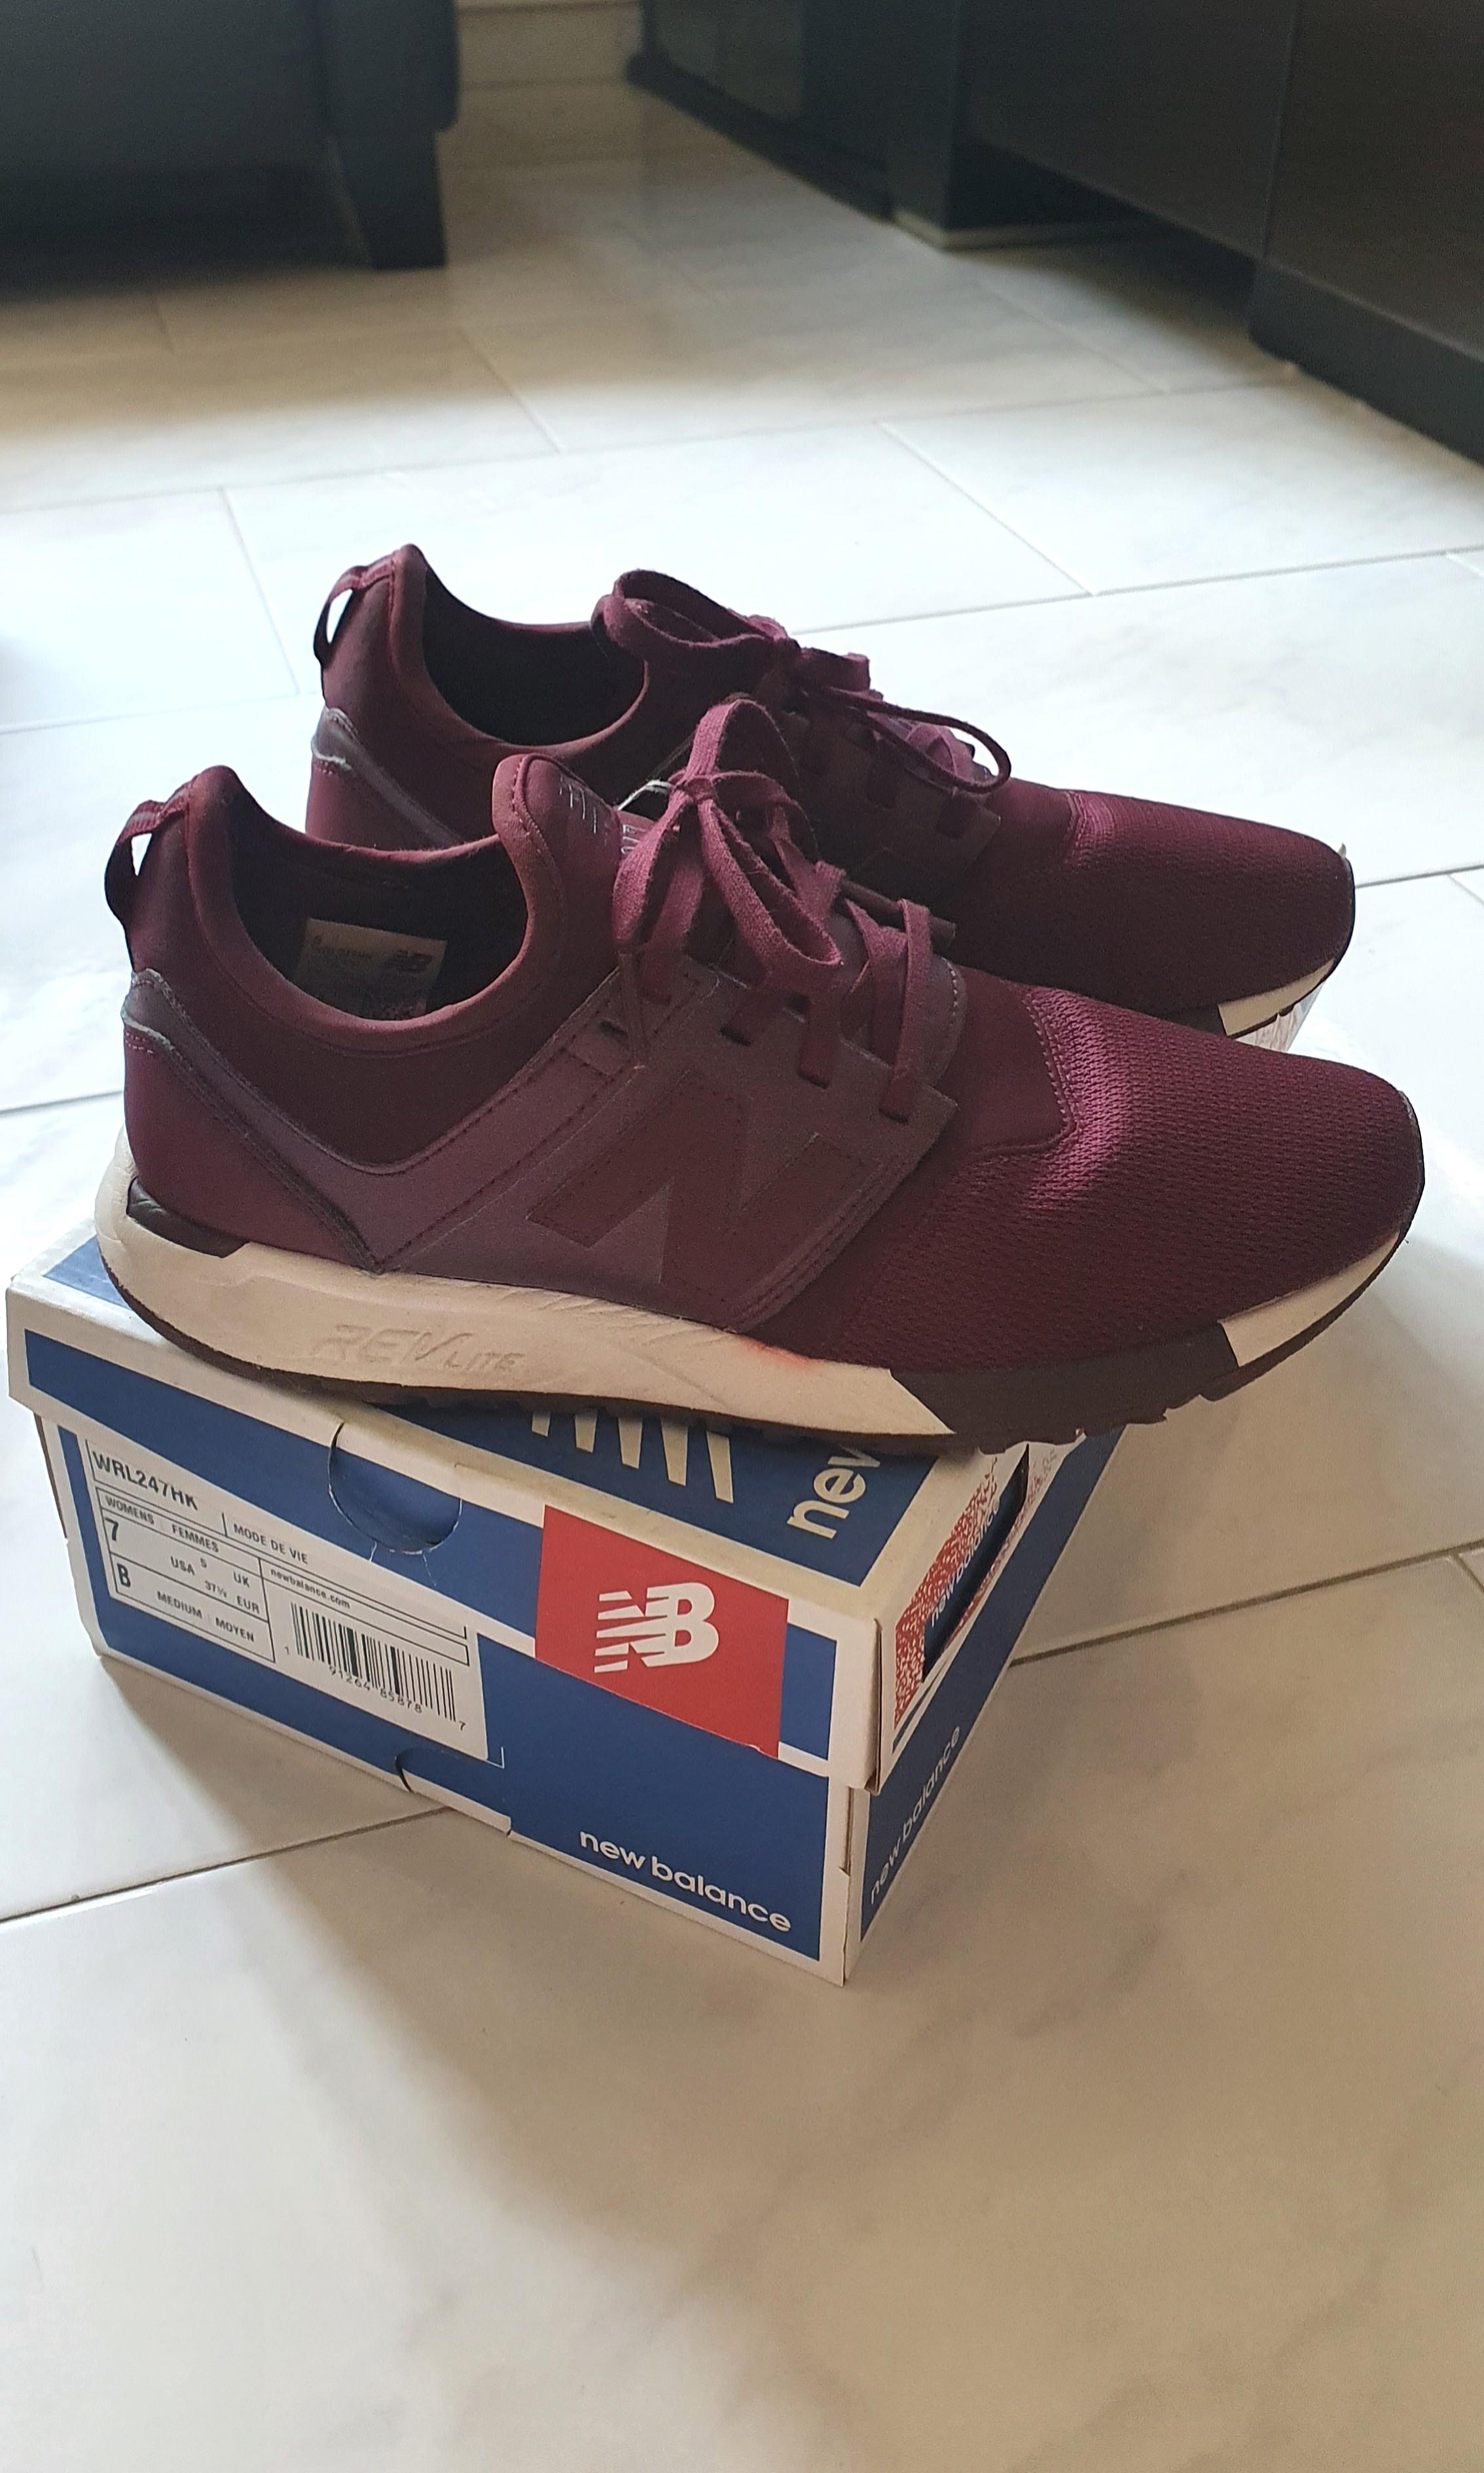 Preloved Wine 257 New Balance Sneakers, Women's Fashion, Footwear ...